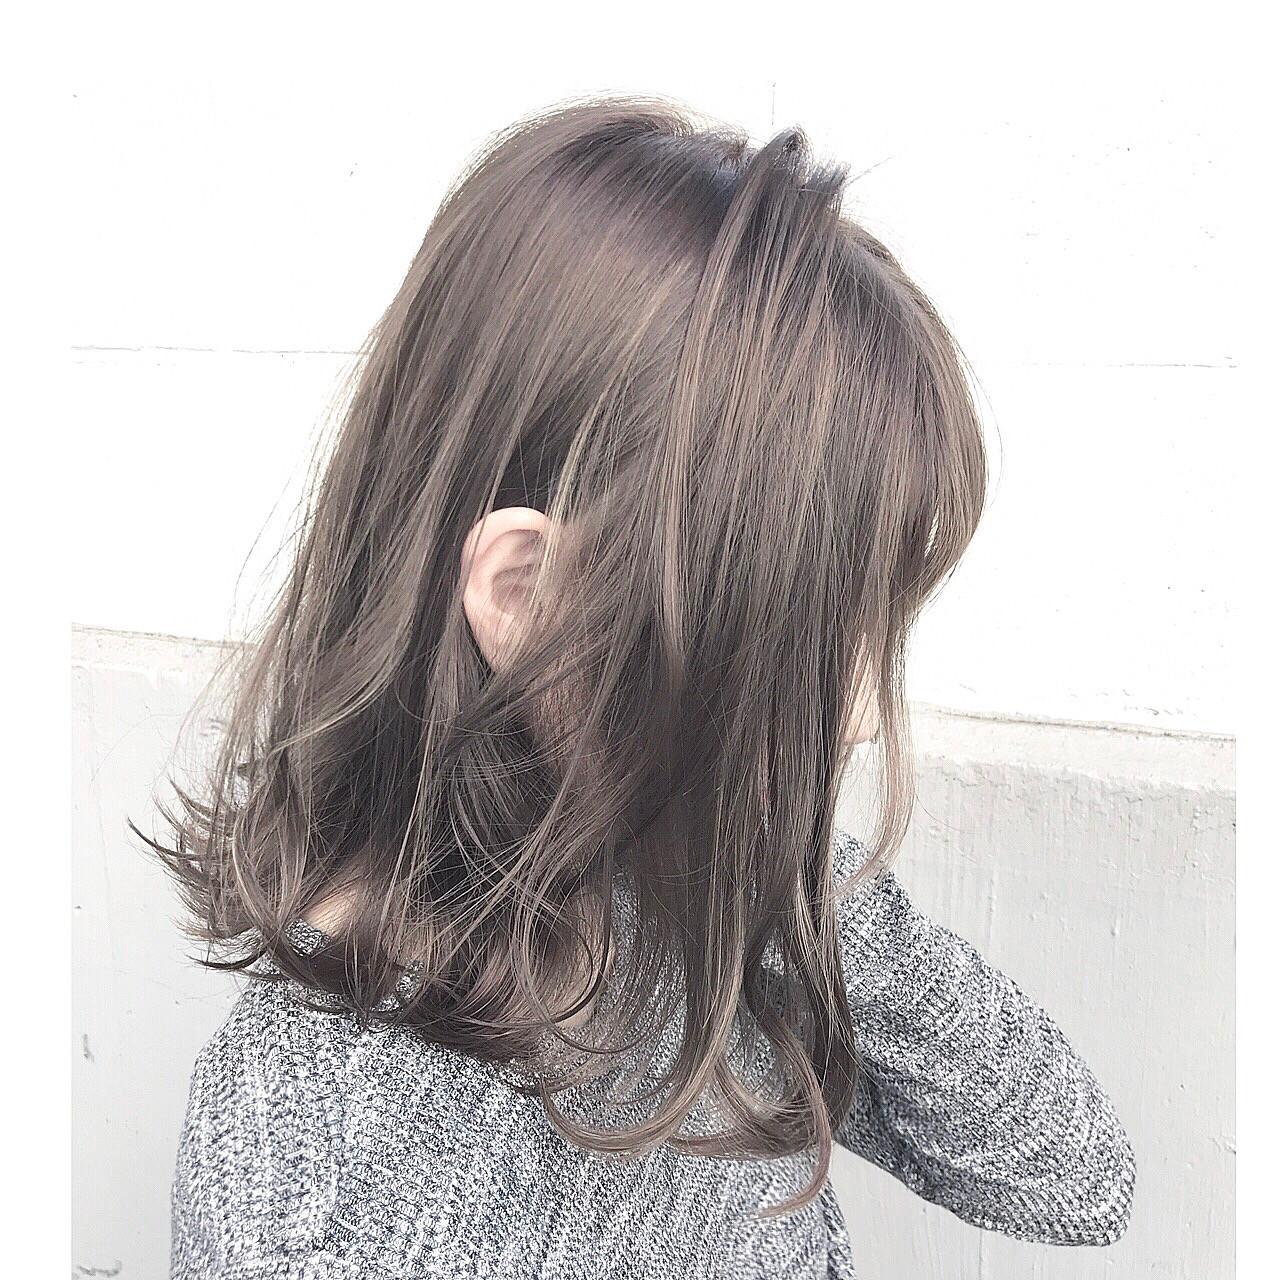 エレガント ミディアム 上品 アッシュ ヘアスタイルや髪型の写真・画像